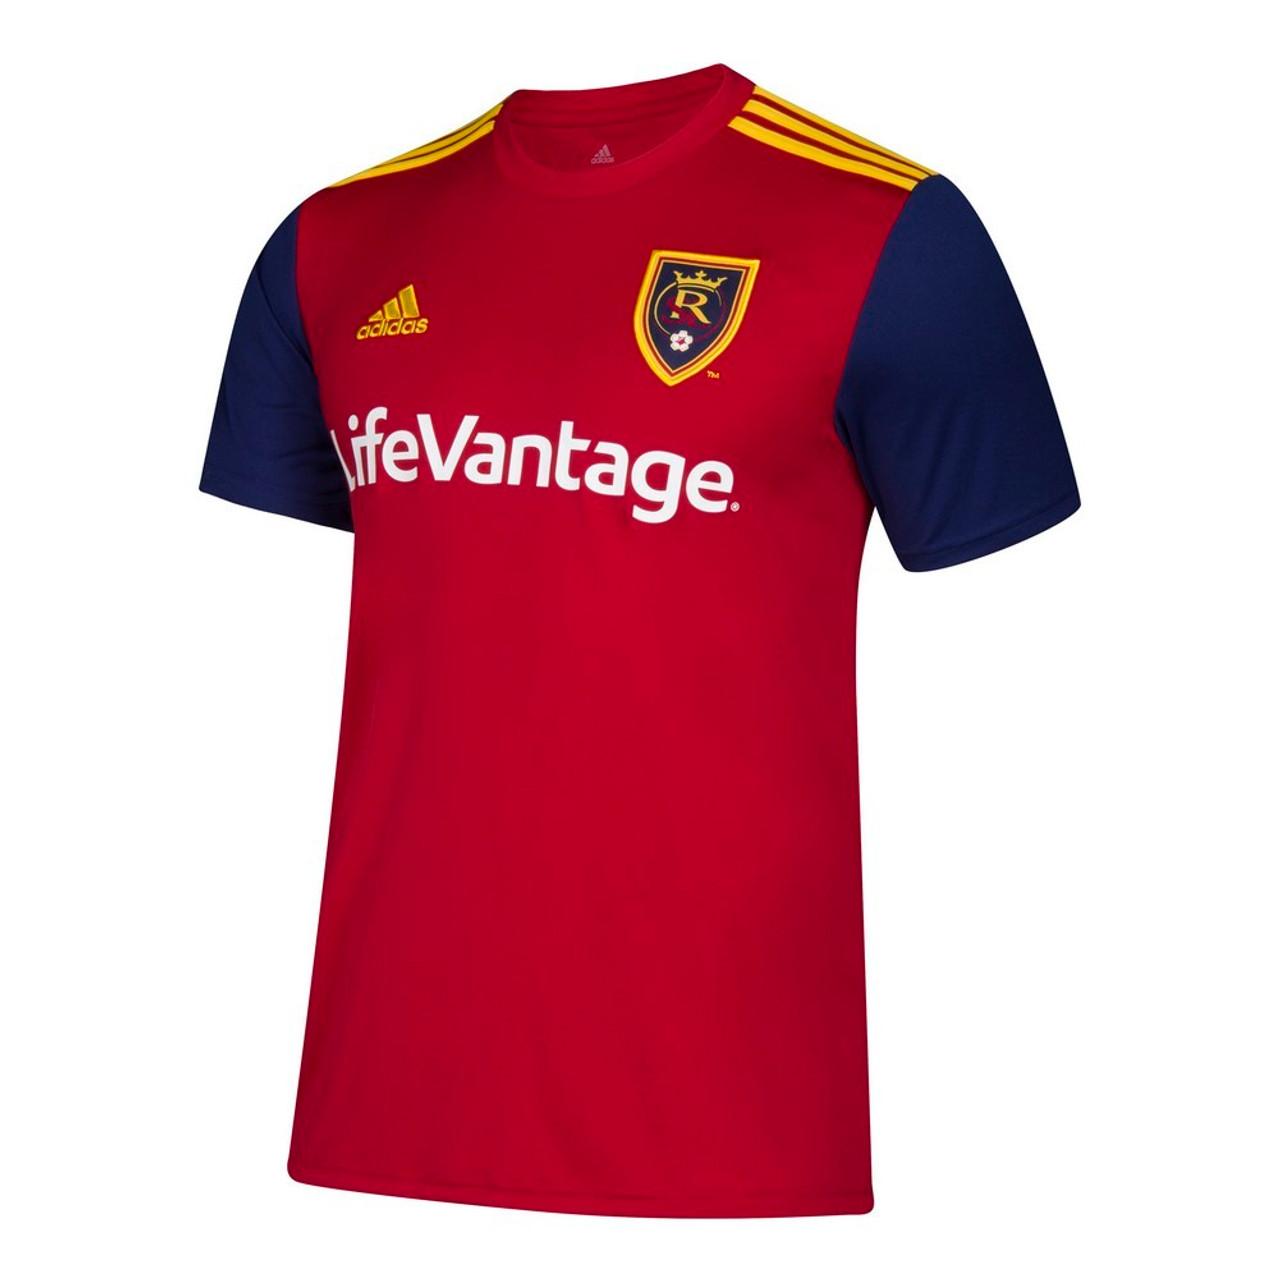 a003793de02 Real Salt Lake Women's Jersey Adidas Home Replica Soccer Jersey